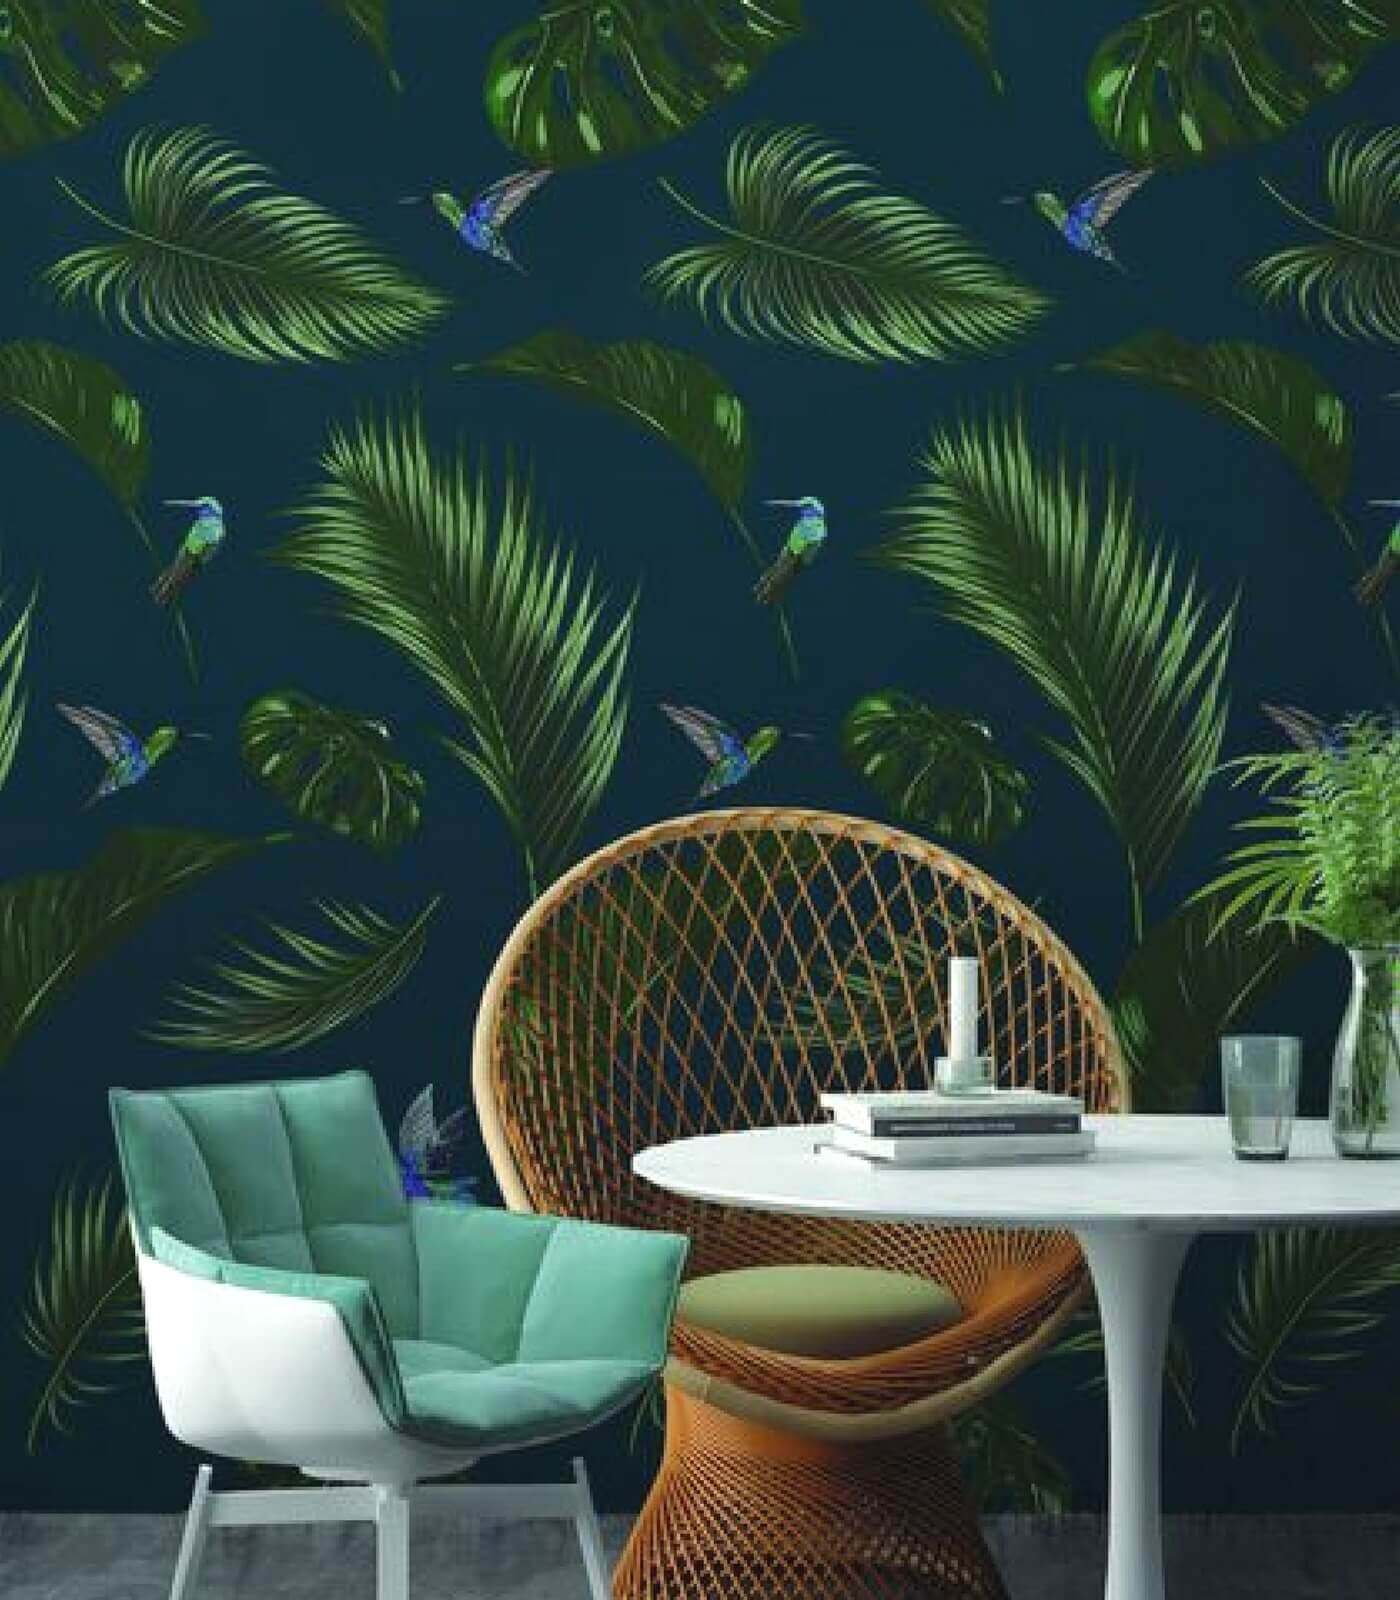 papier peint jungle bleu canard fonce 10 m x 53 cm pastel living. Black Bedroom Furniture Sets. Home Design Ideas